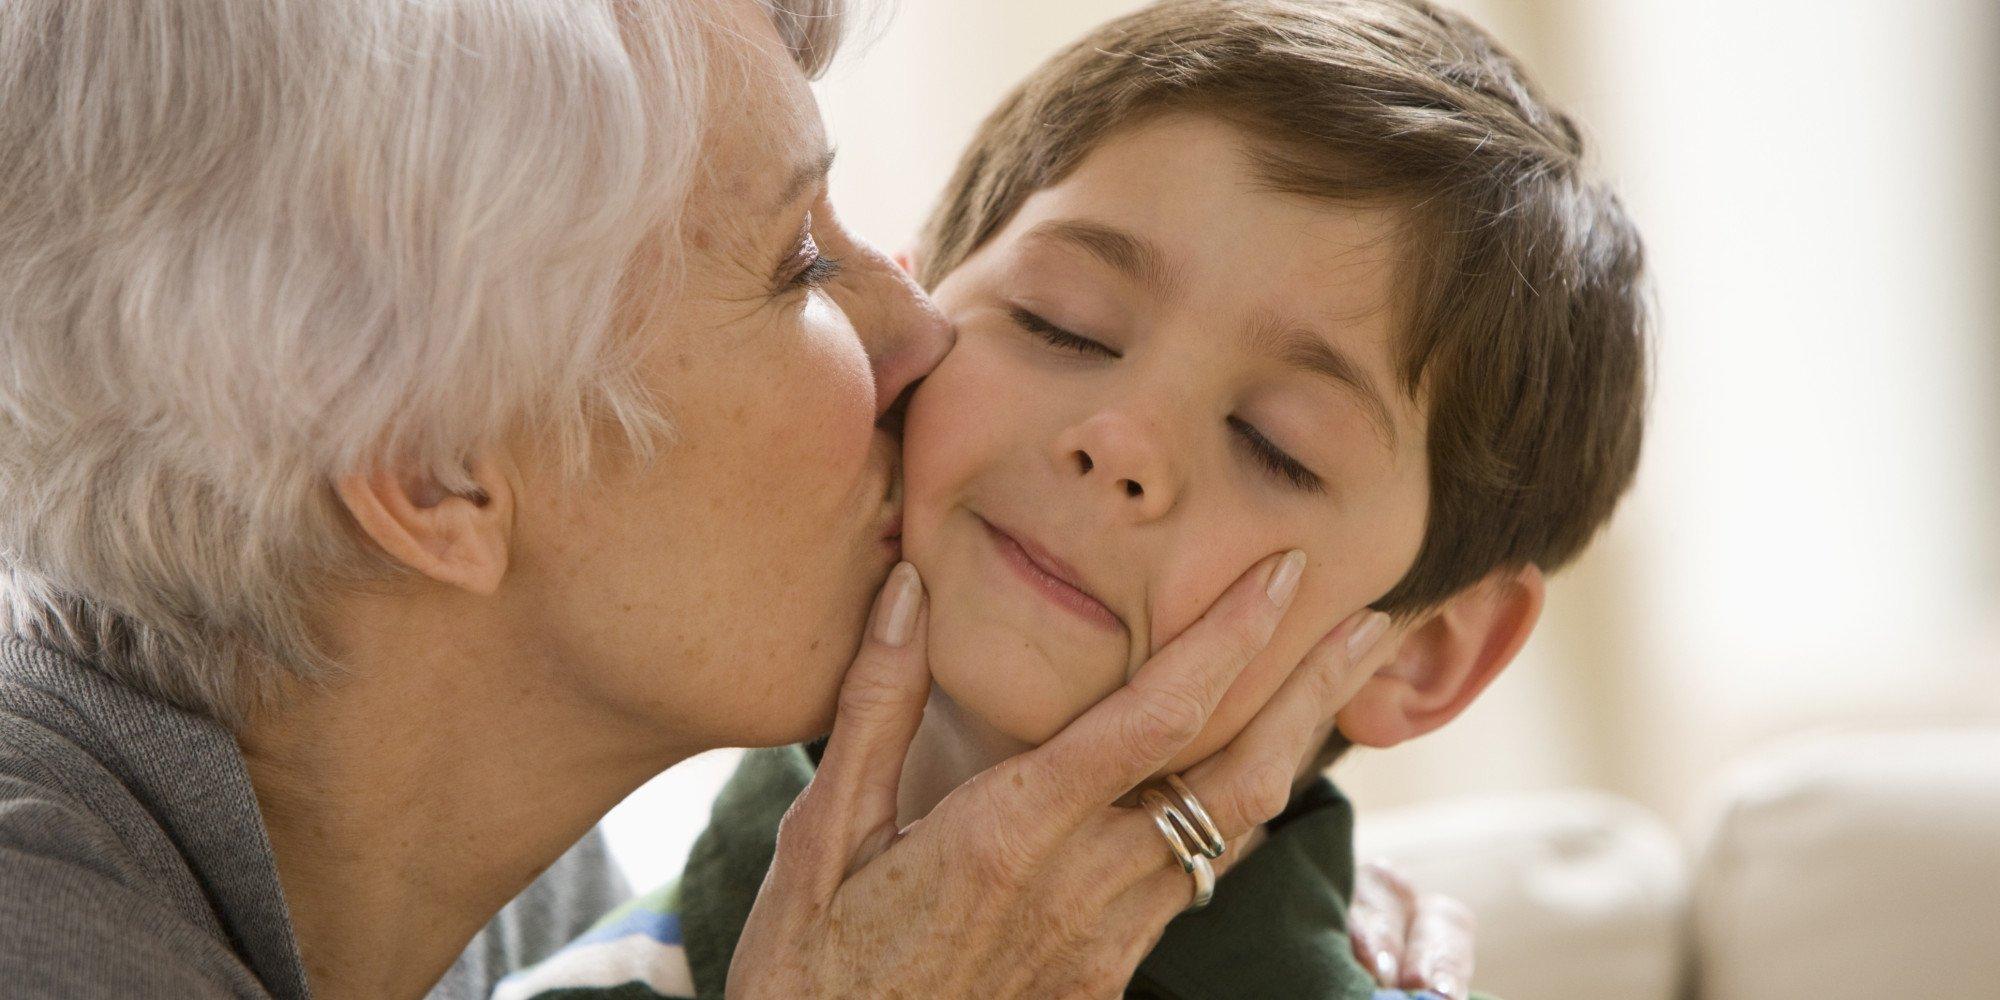 o boy and grandma facebook.jpg?resize=1200,630 - Segundo pesquisa, vovó que passa muito tempo com a família vive por mais anos